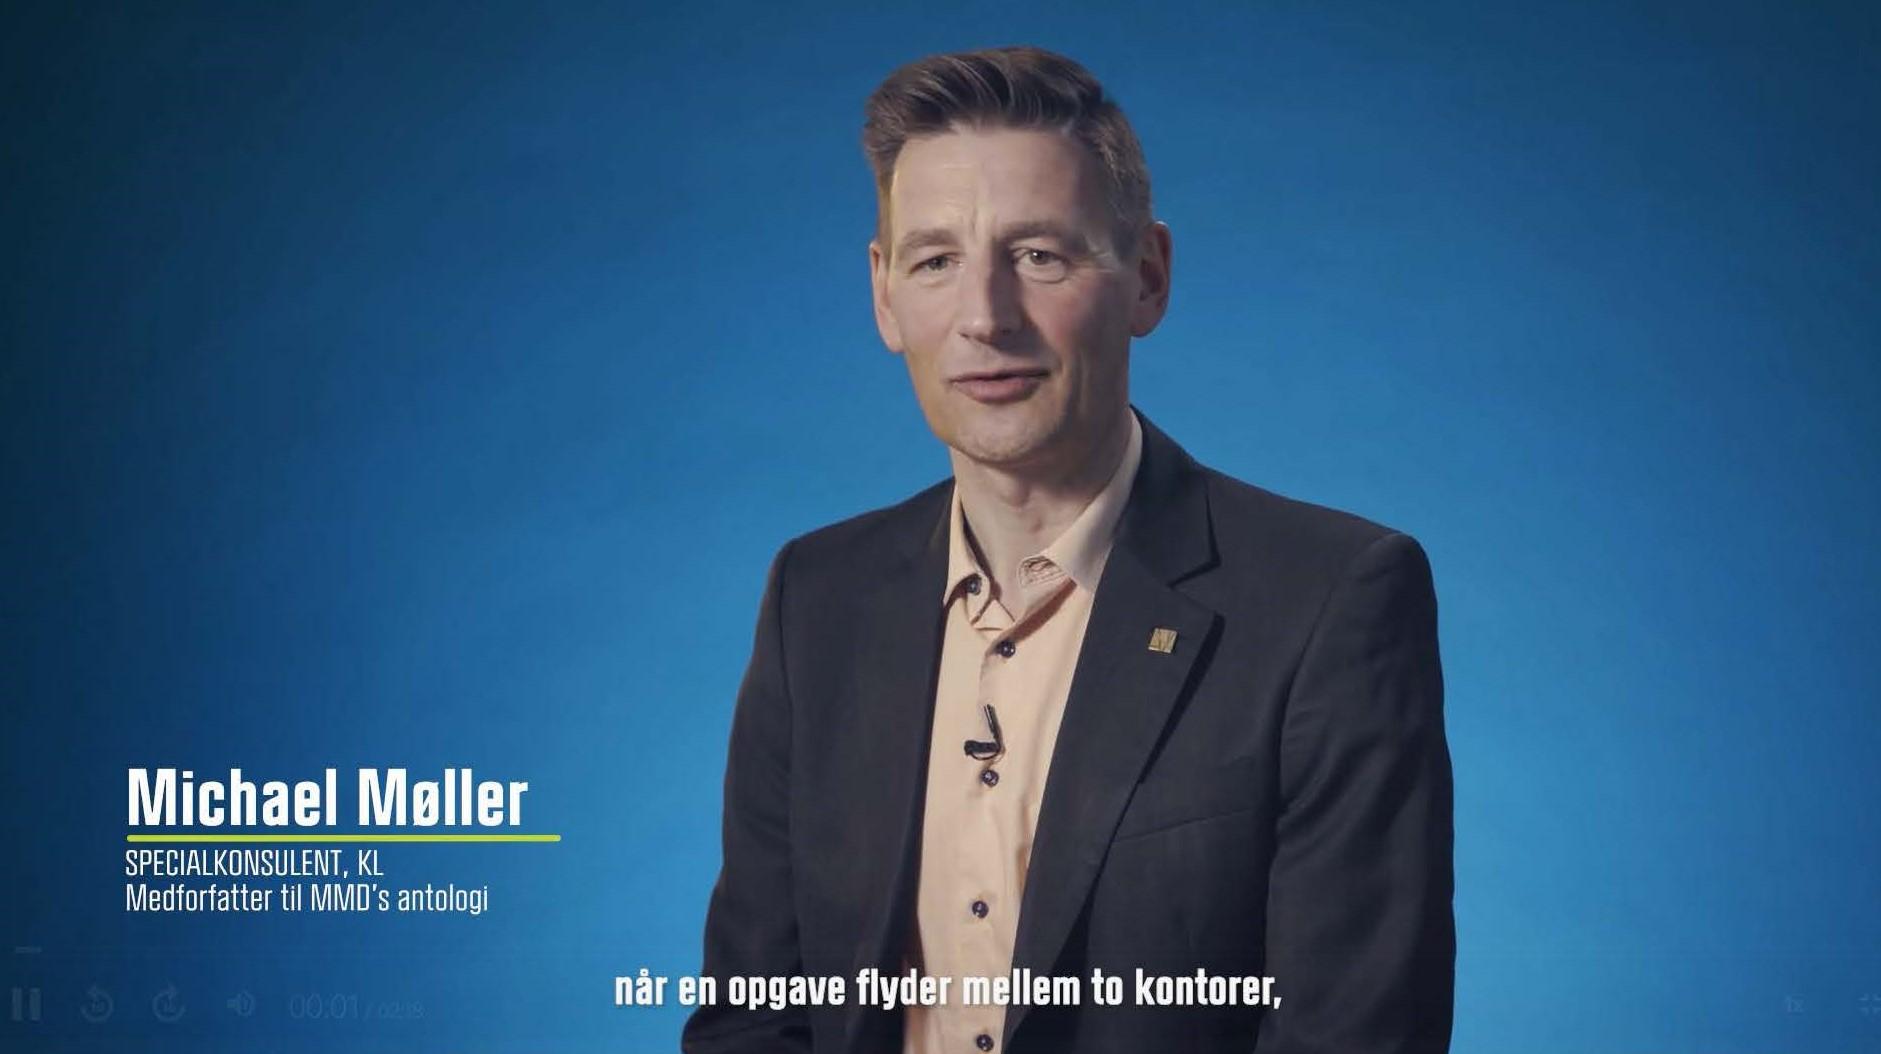 Michael Møller medforfatter til MMD antologi